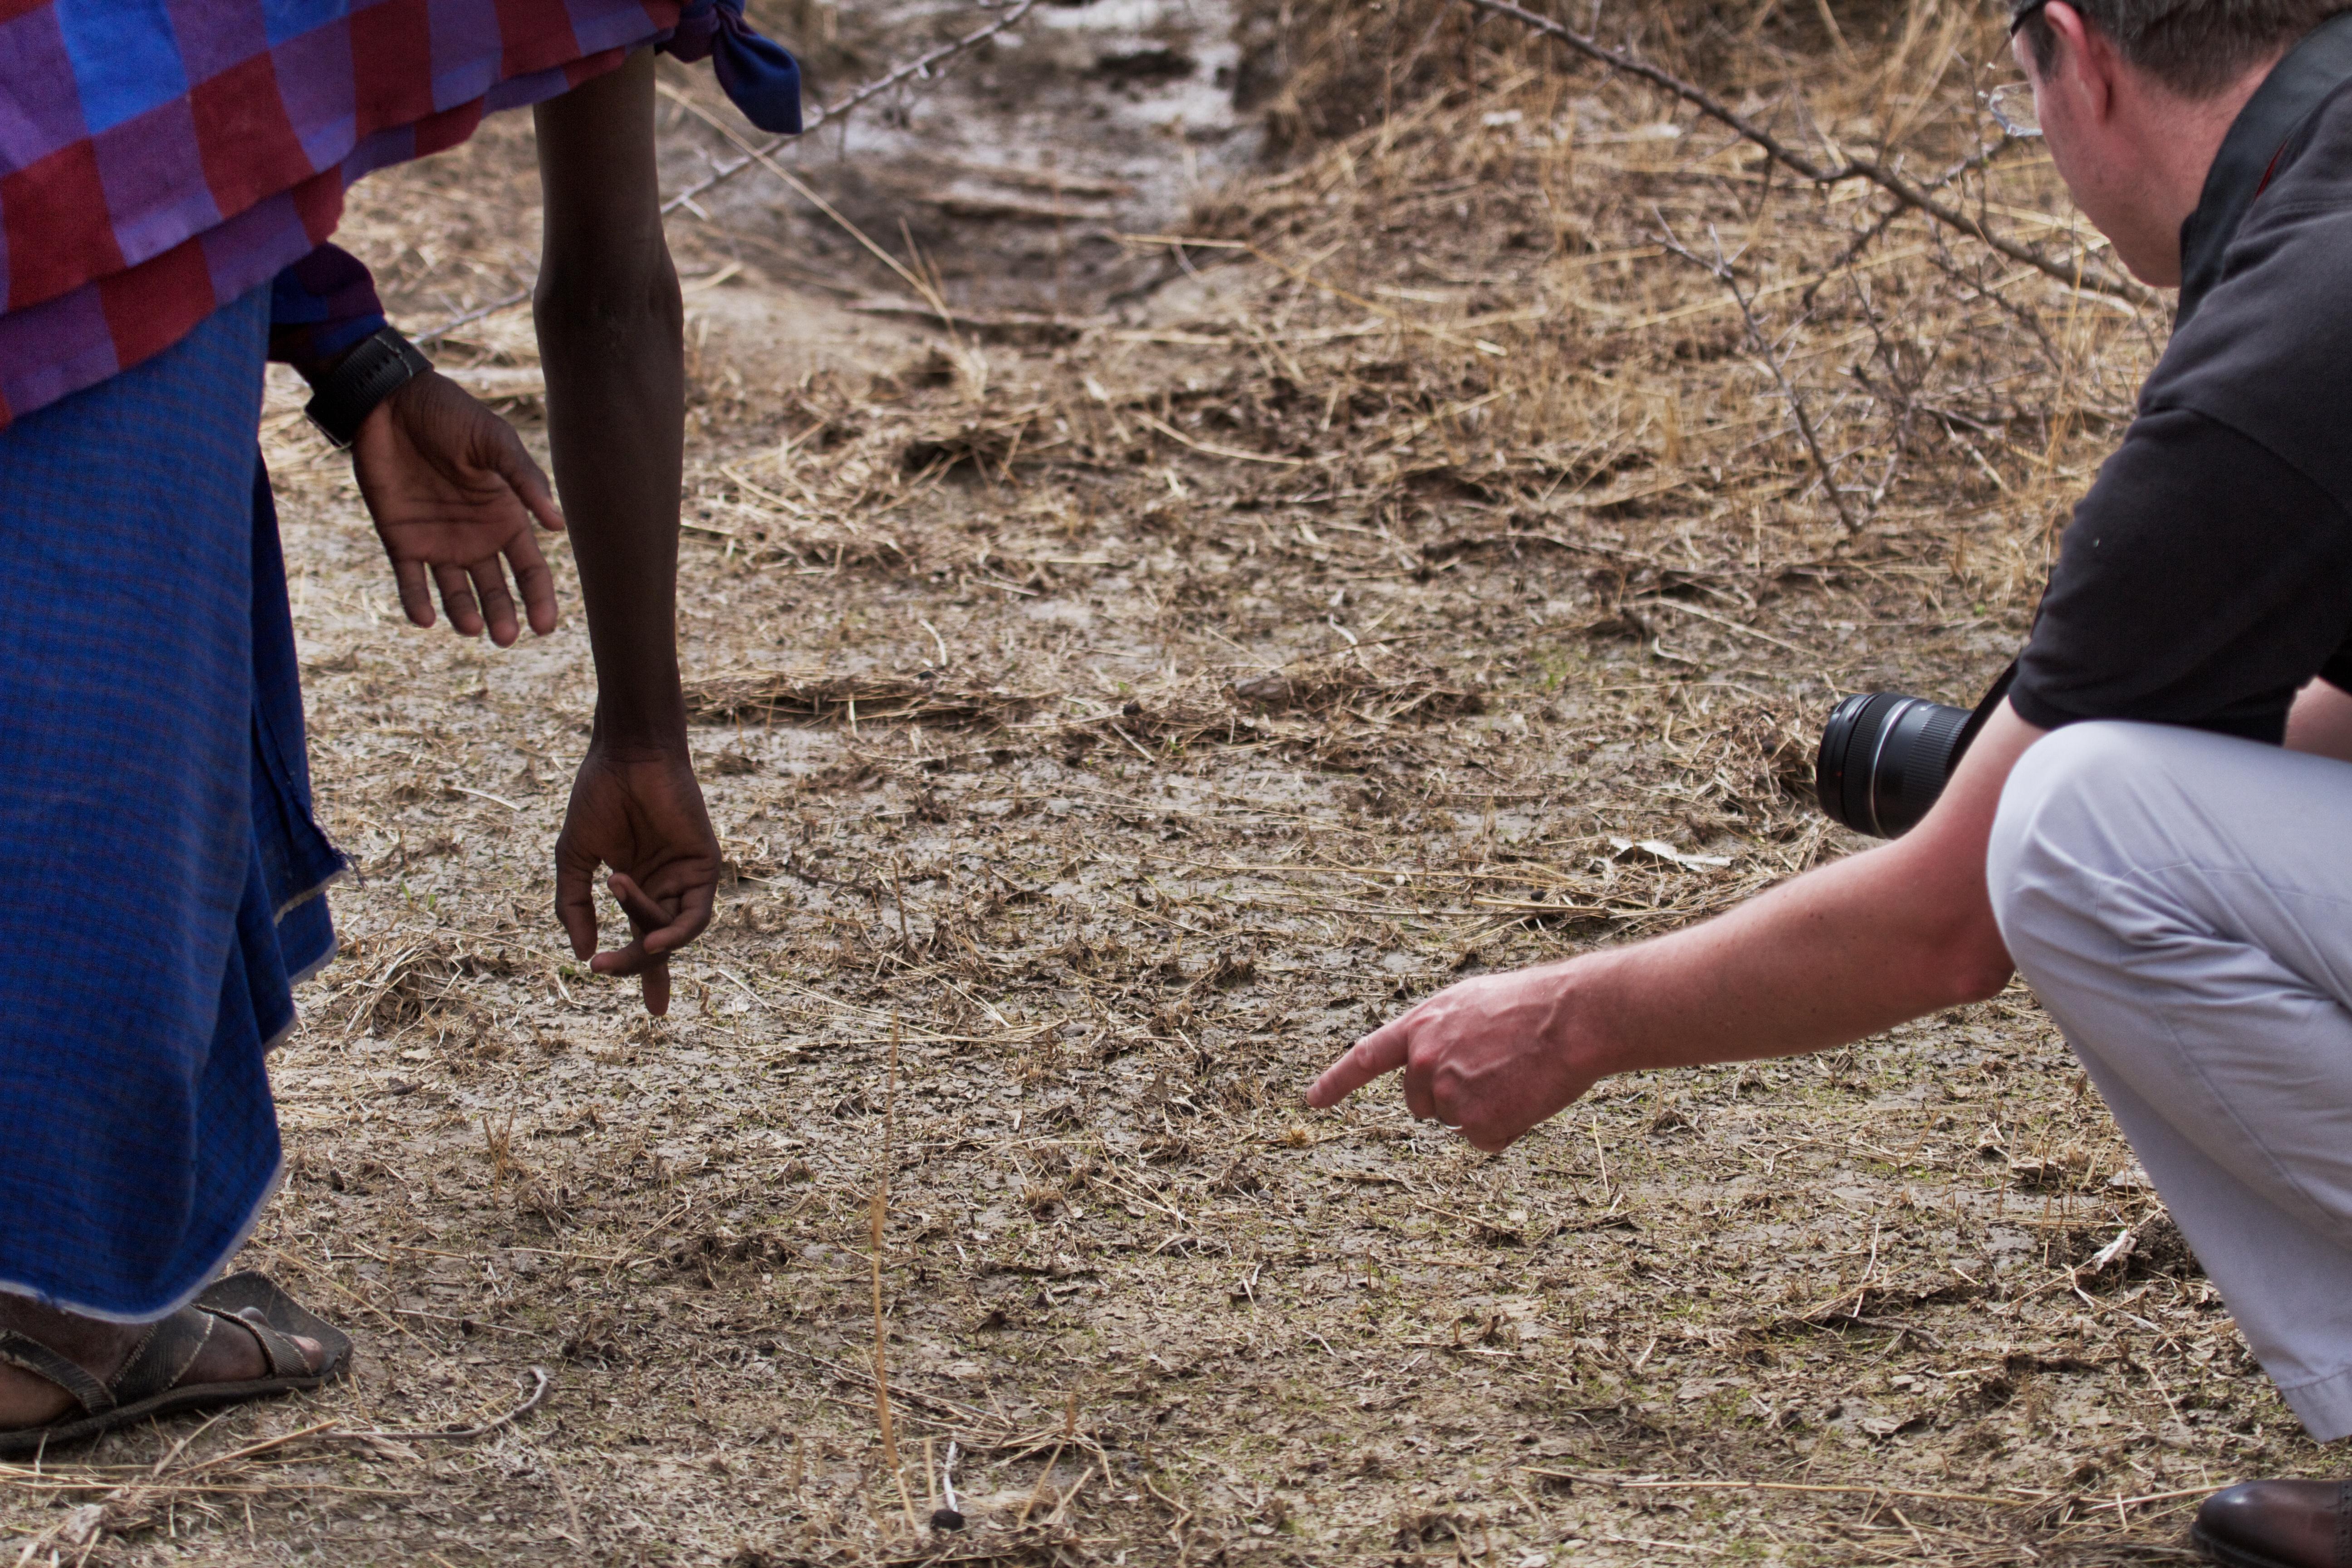 Messenger Dog Training World War I besides Stock Photography Plant Nursery Orchids Image19222 as well Details also Garmin Fenix 5 in addition Petsafe pdt20 de luxe teletac elektronische trainingshalsband met display voor honden  vanaf 18kg 900mtr afstandstrainer i35 730 0. on tracking dog